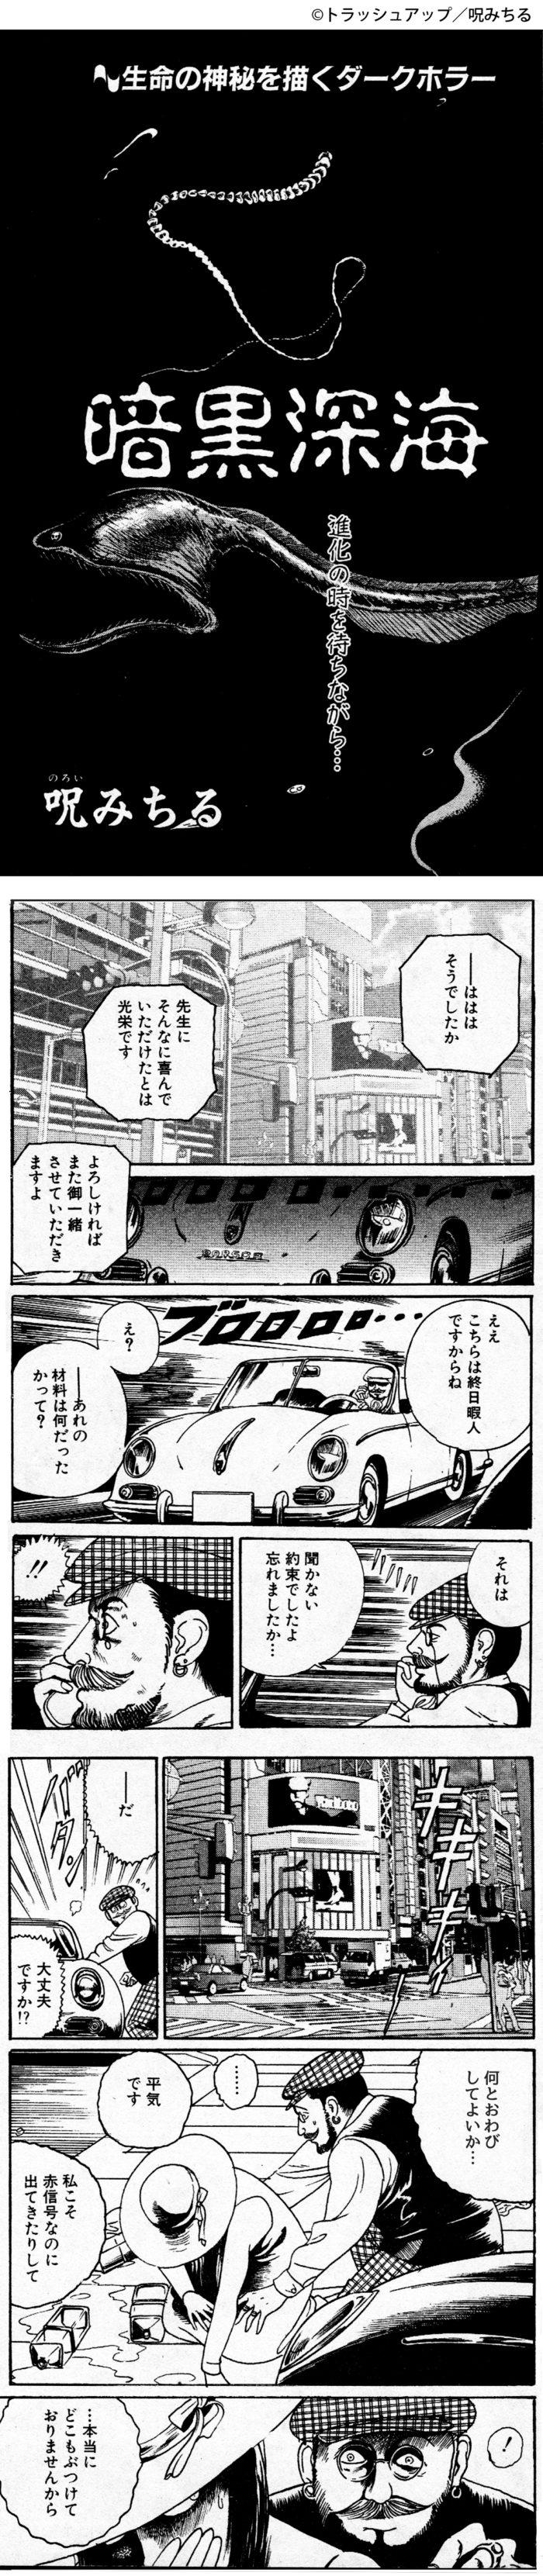 ankoku-shinkai-01